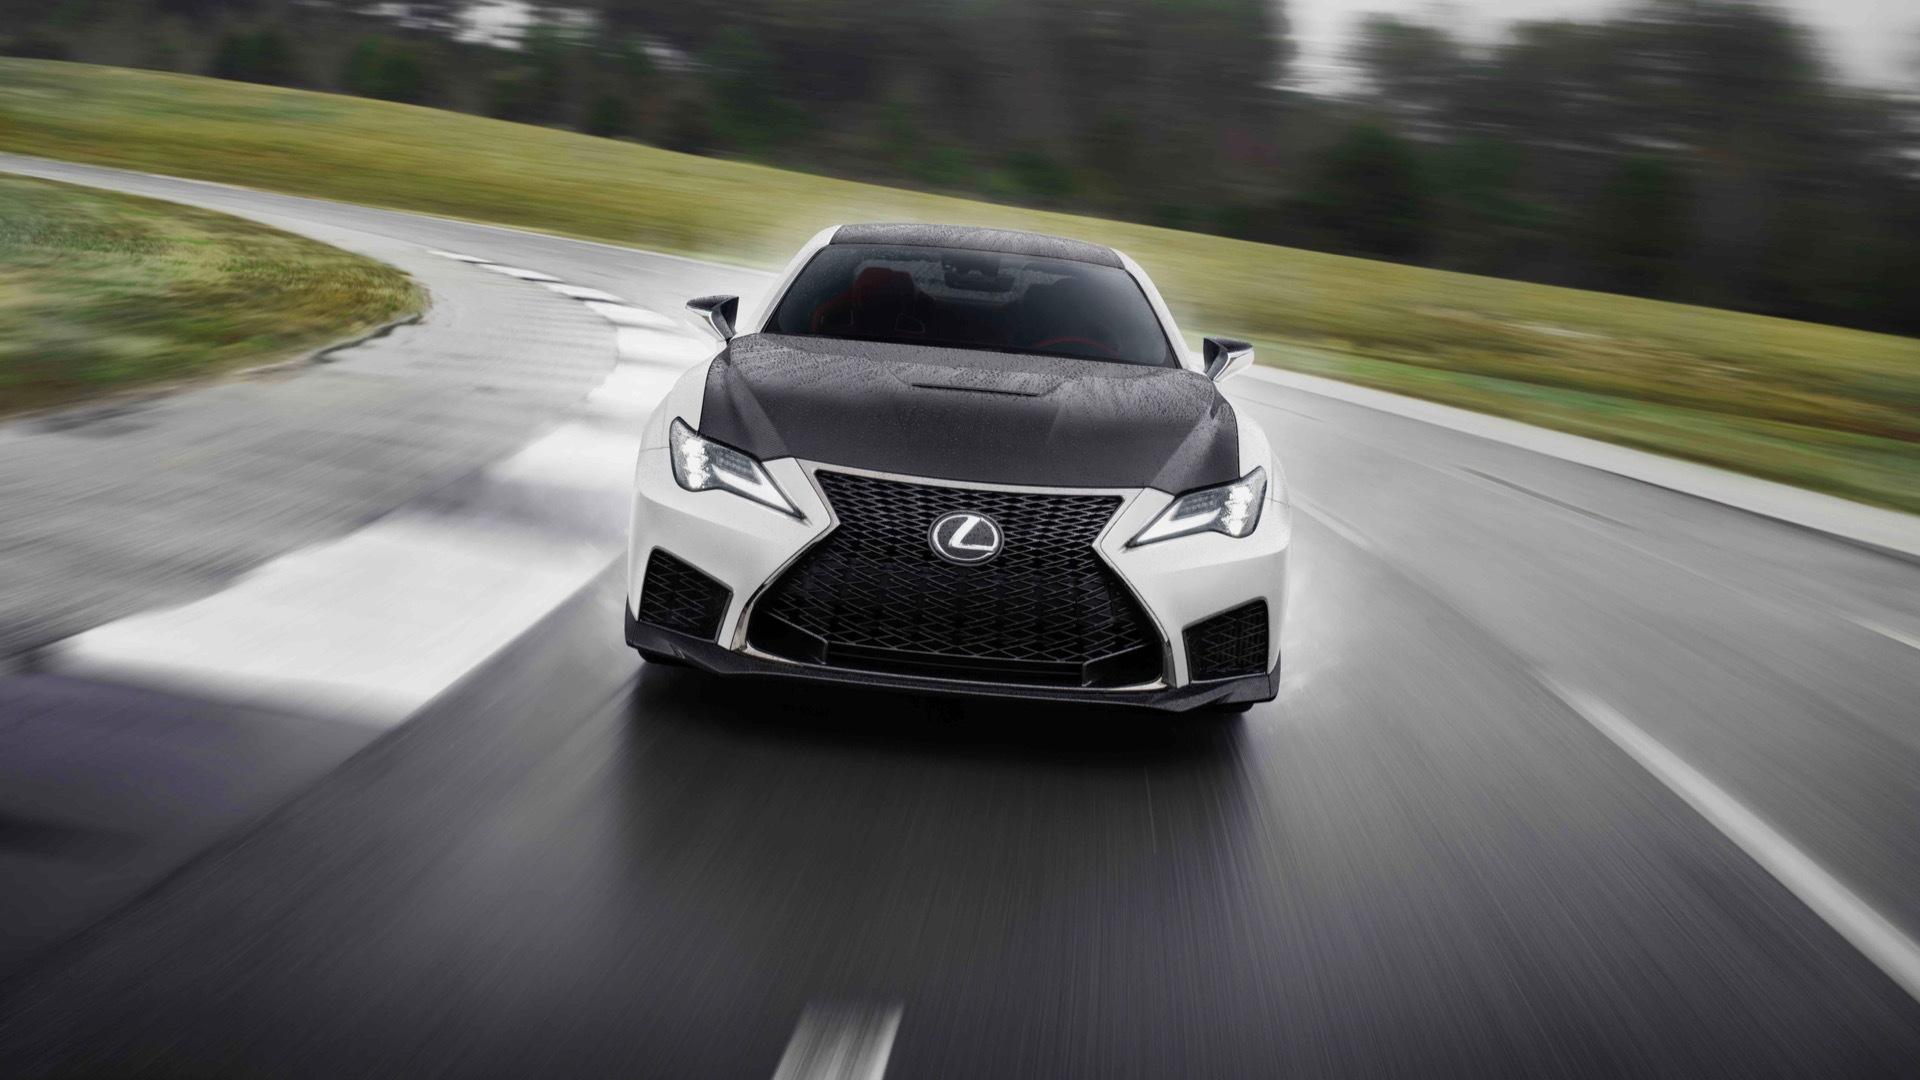 2021 Lexus Gx Release